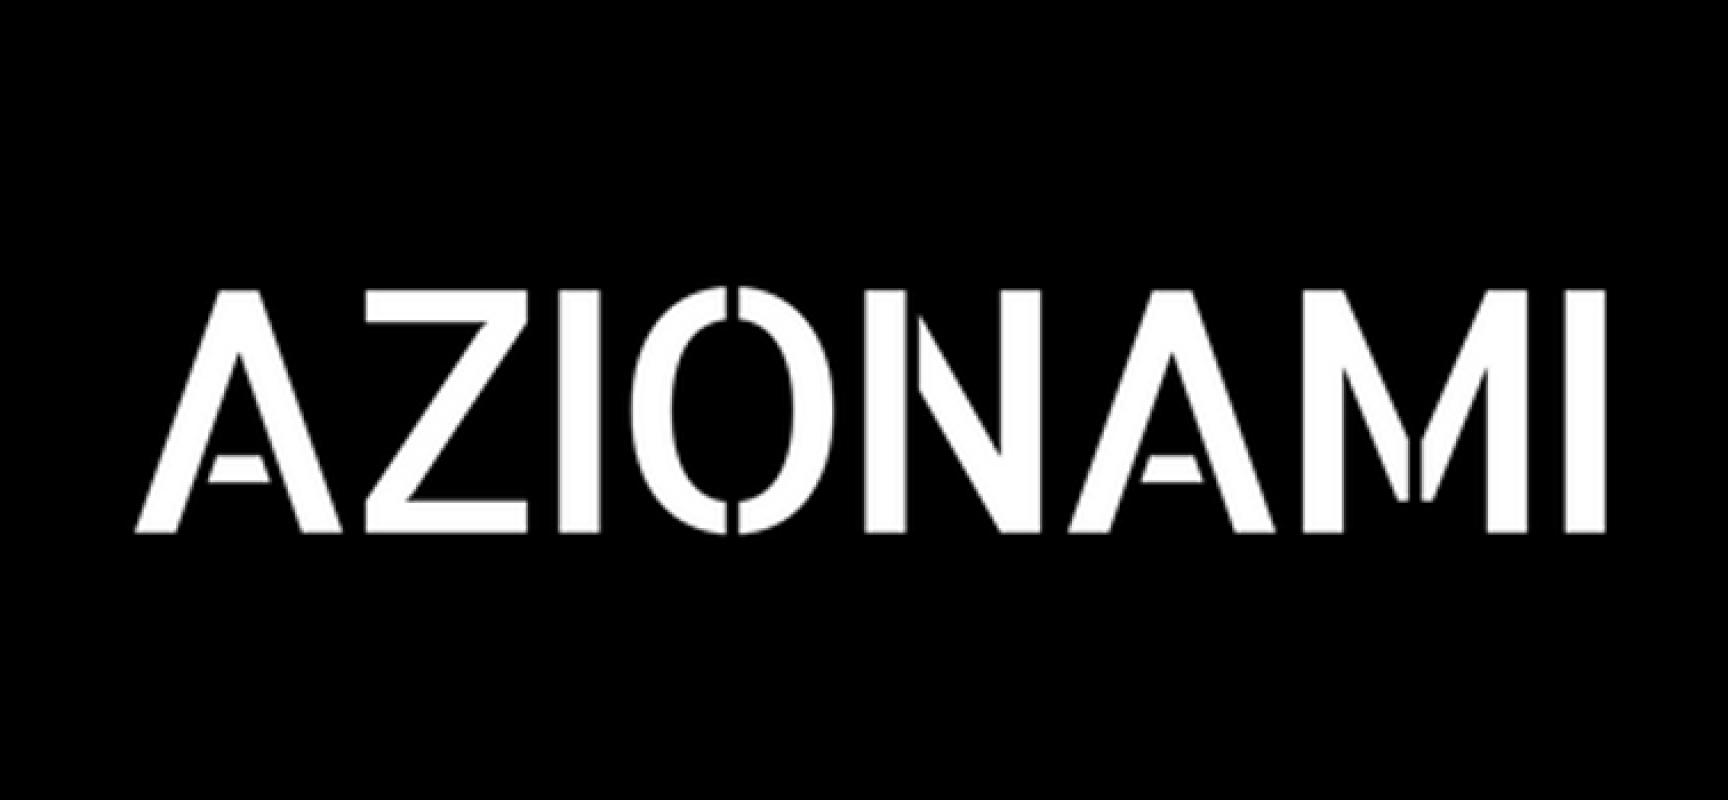 Nasce azionami nuova casa di produzione indipendente made in bisceglie bisceglie24 - Idea casa bisceglie ...